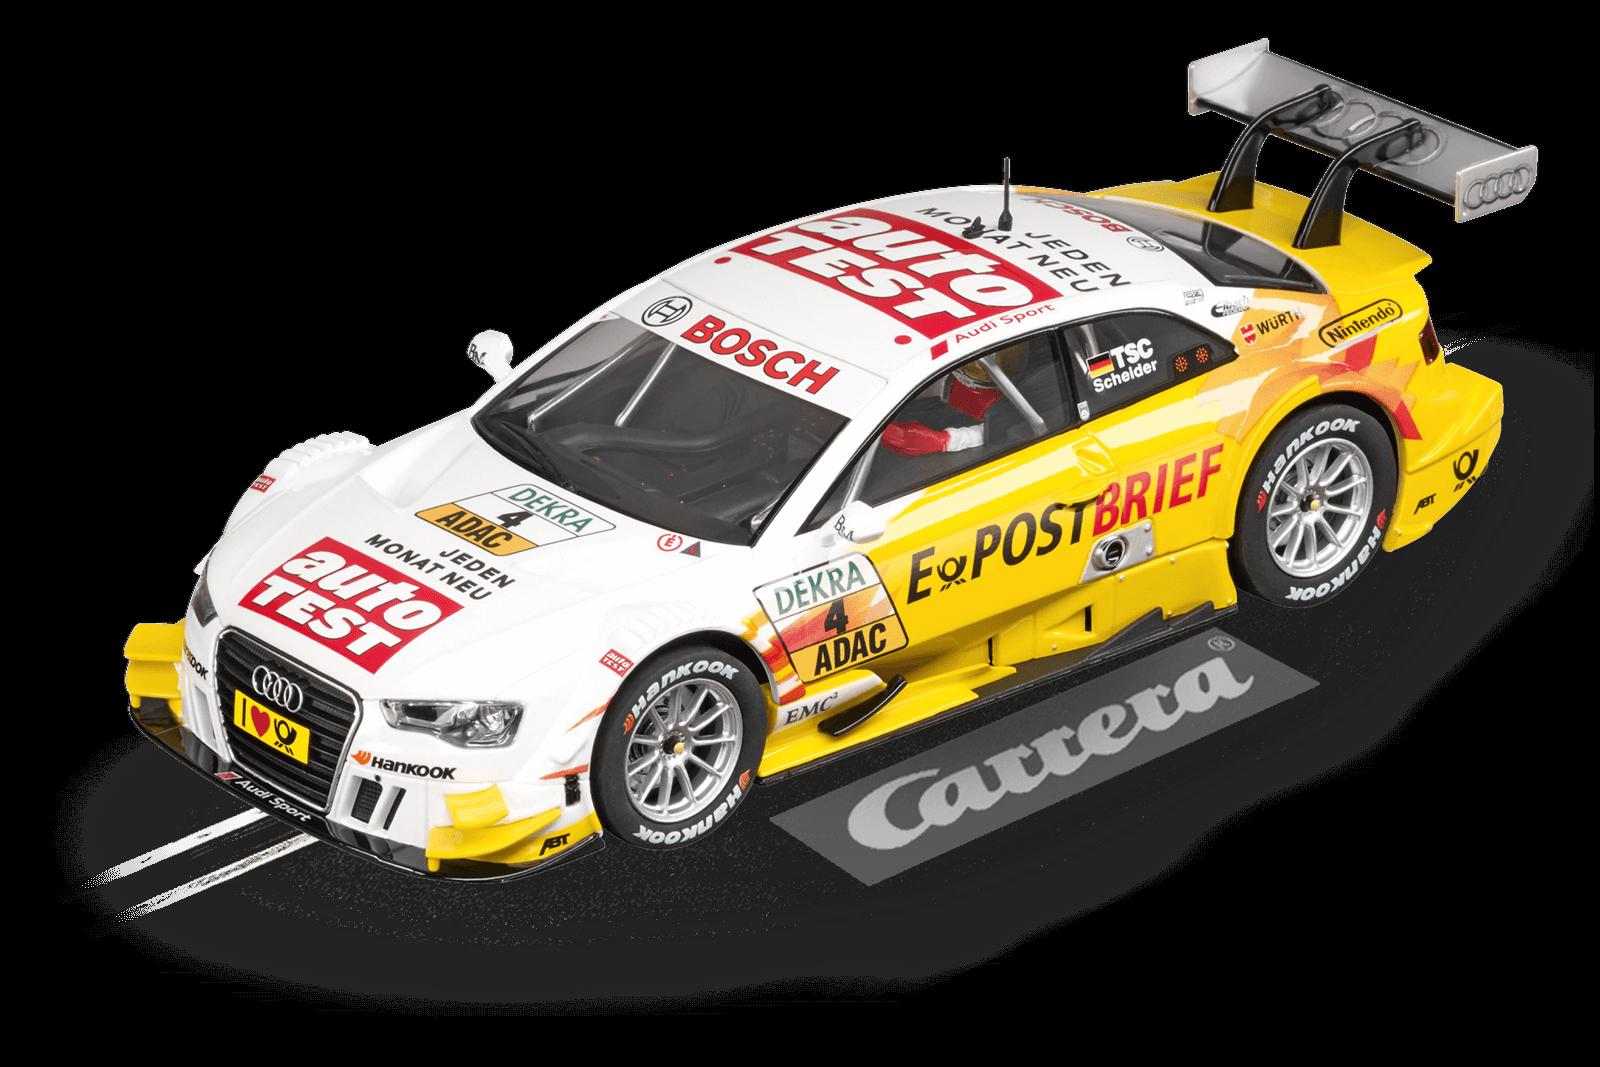 Top Top Top Tuning Carrera Digital 132 - Audi A5 DTM   Scheider   No. 4 like 30658 d52072